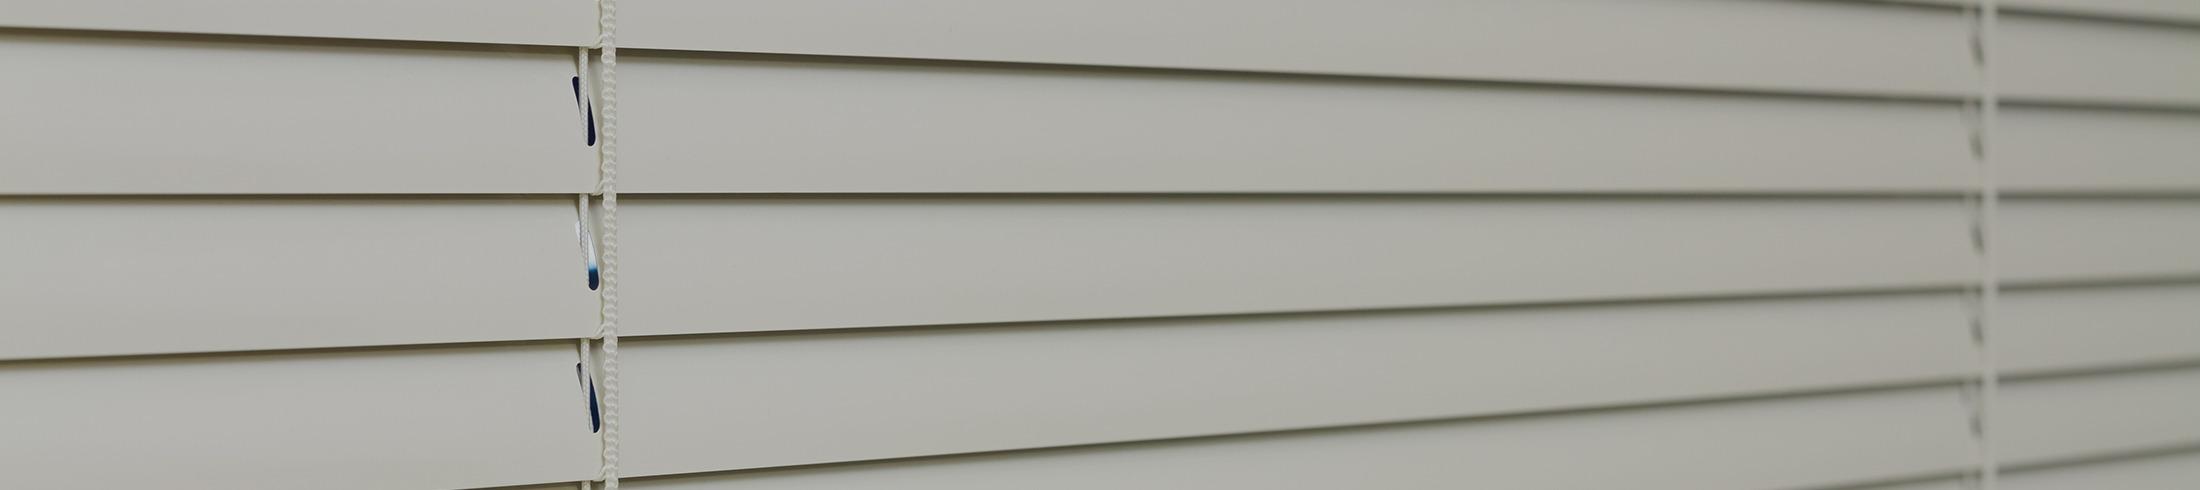 indoor venetian blinds 01